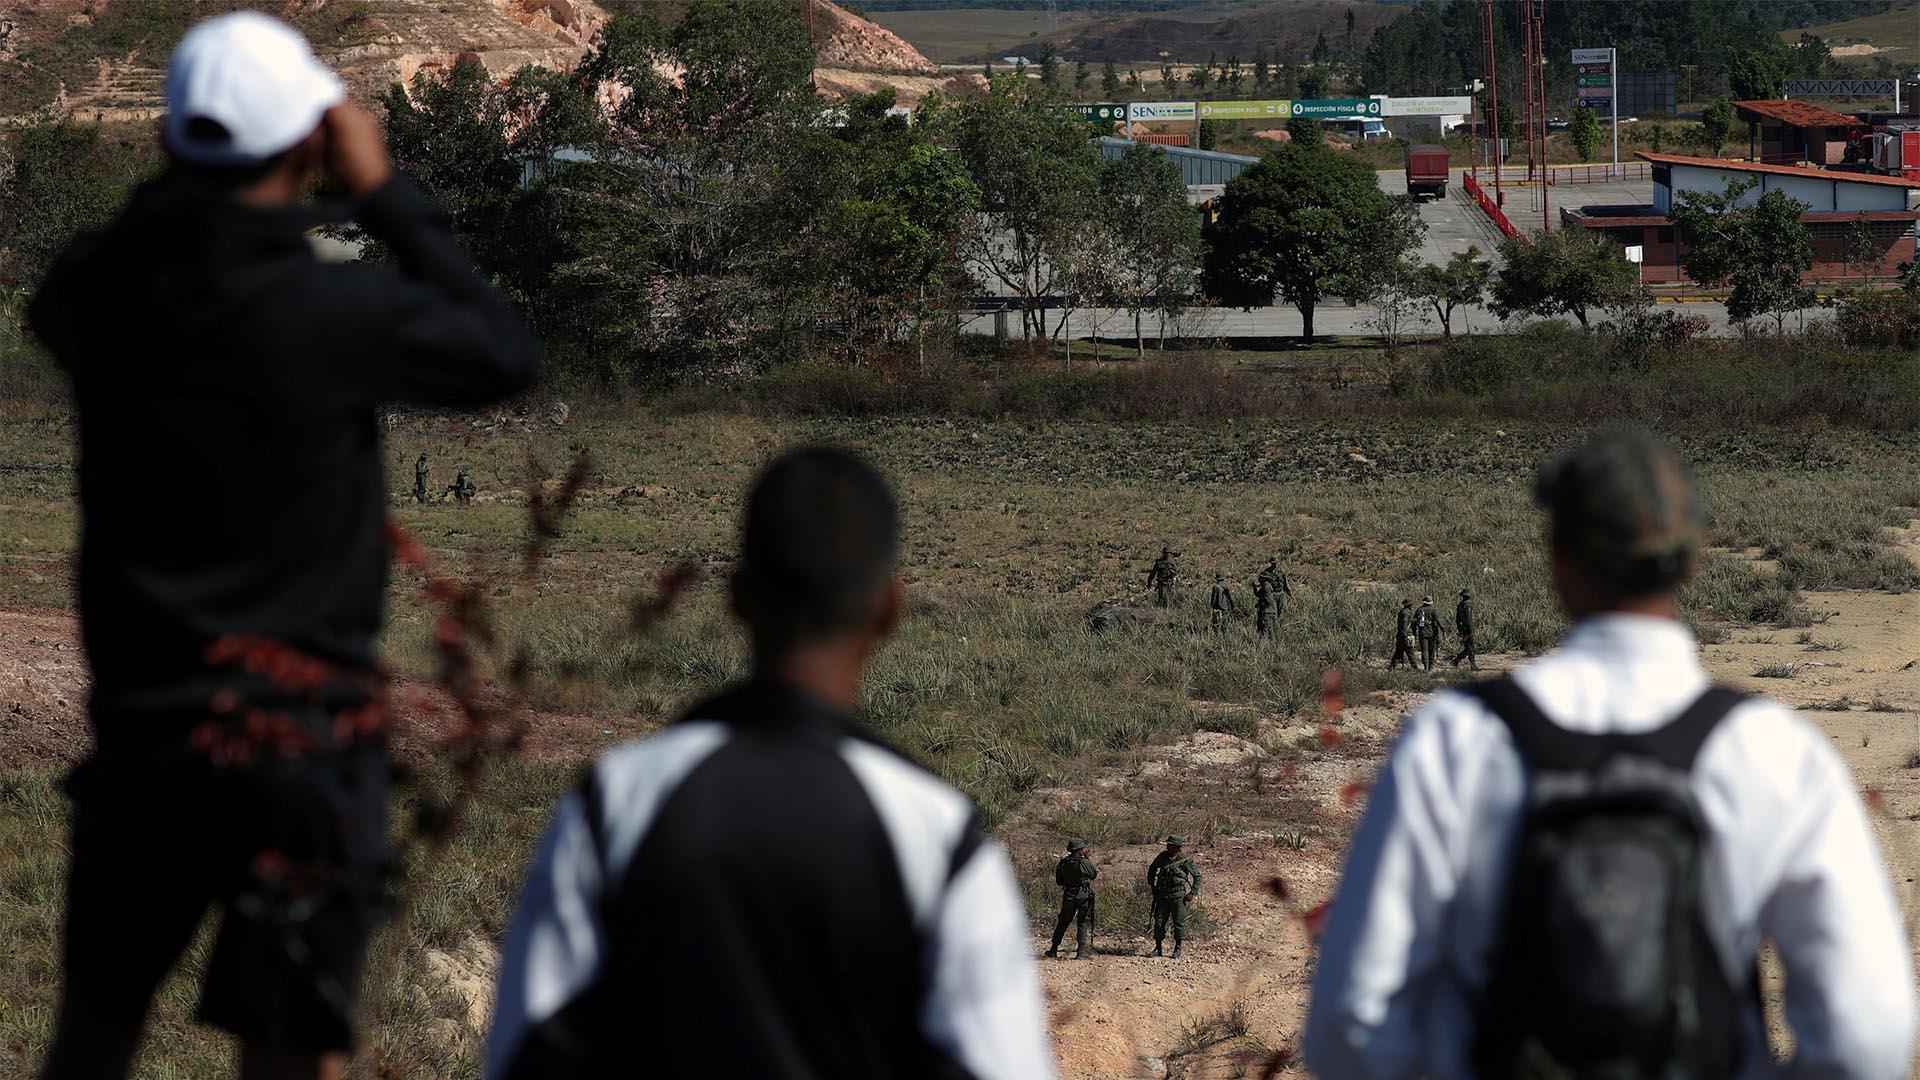 Hombres observan a los soldados venezolanos que vigilan la frontera entre Venezuela y Brasil en Pacaraima, estado de Roraima (Reuters)